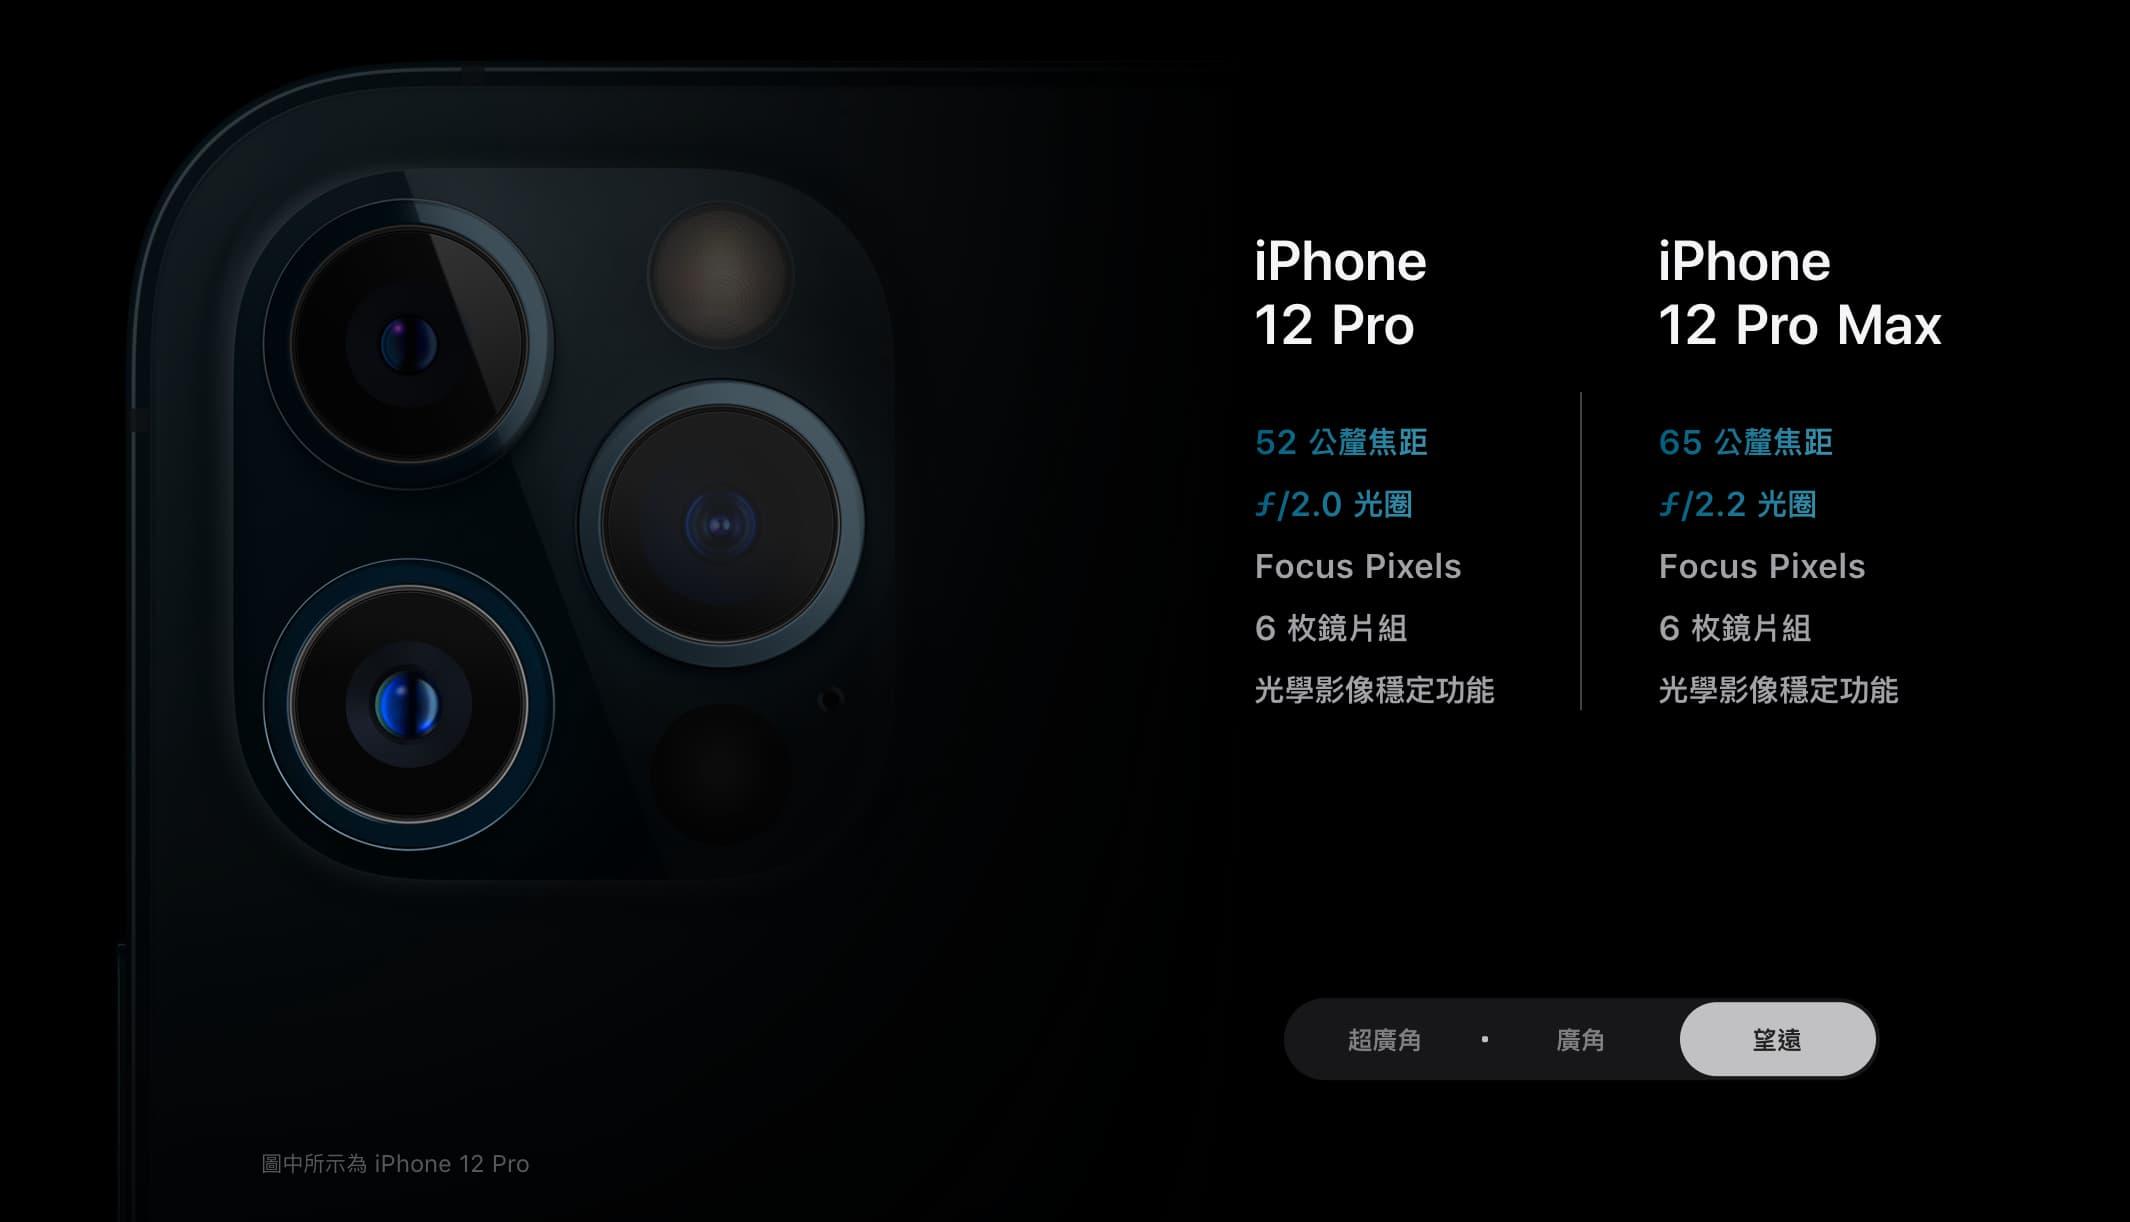 iPhone 12 Pro 和 iPhone 12 Pro Max 超廣角鏡